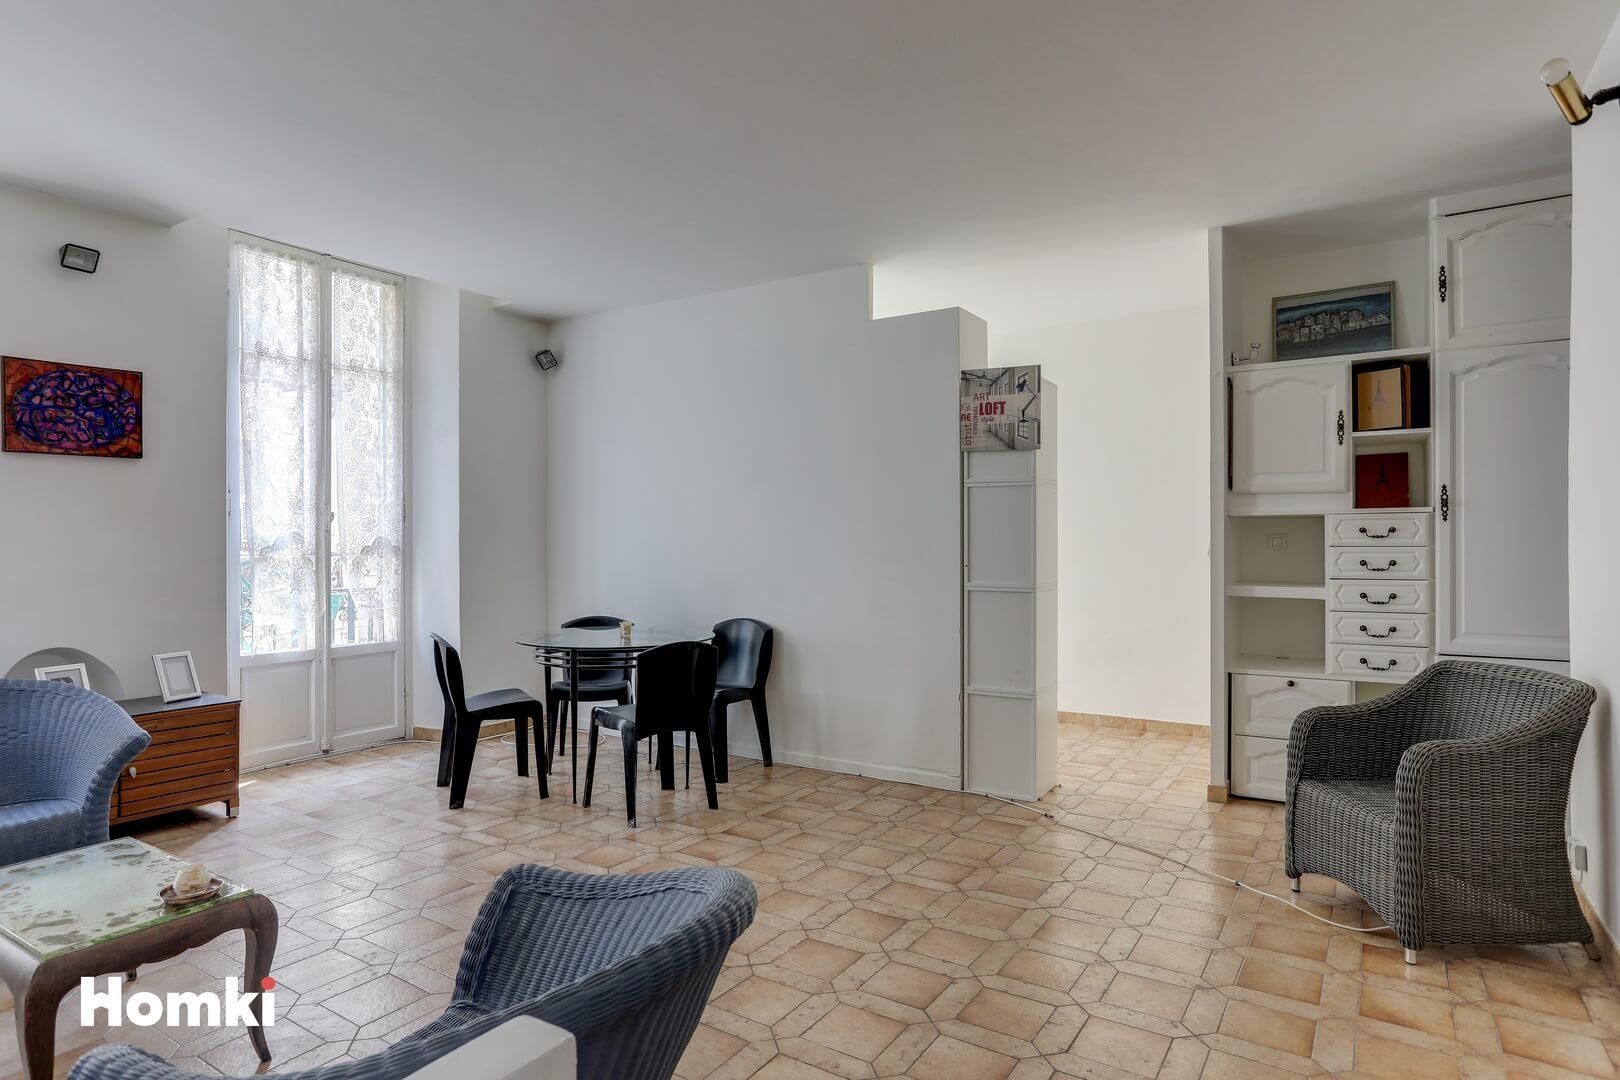 Homki - Vente appartement  de 86.0 m² à Nice 06000